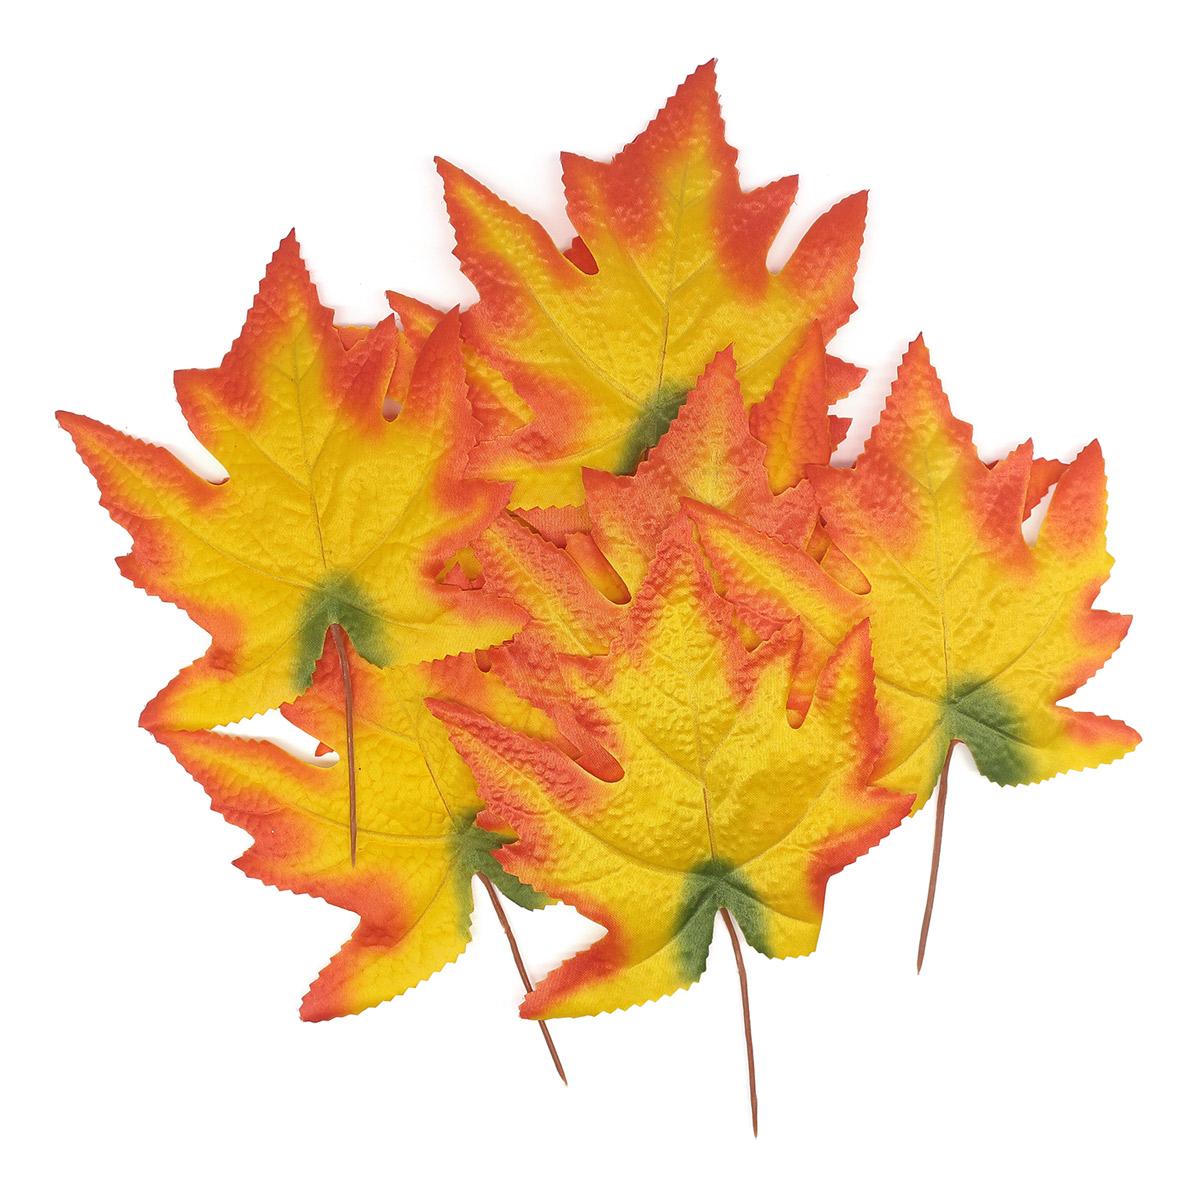 XY19 1141 Кленовые листья, 9шт (3 Желтый